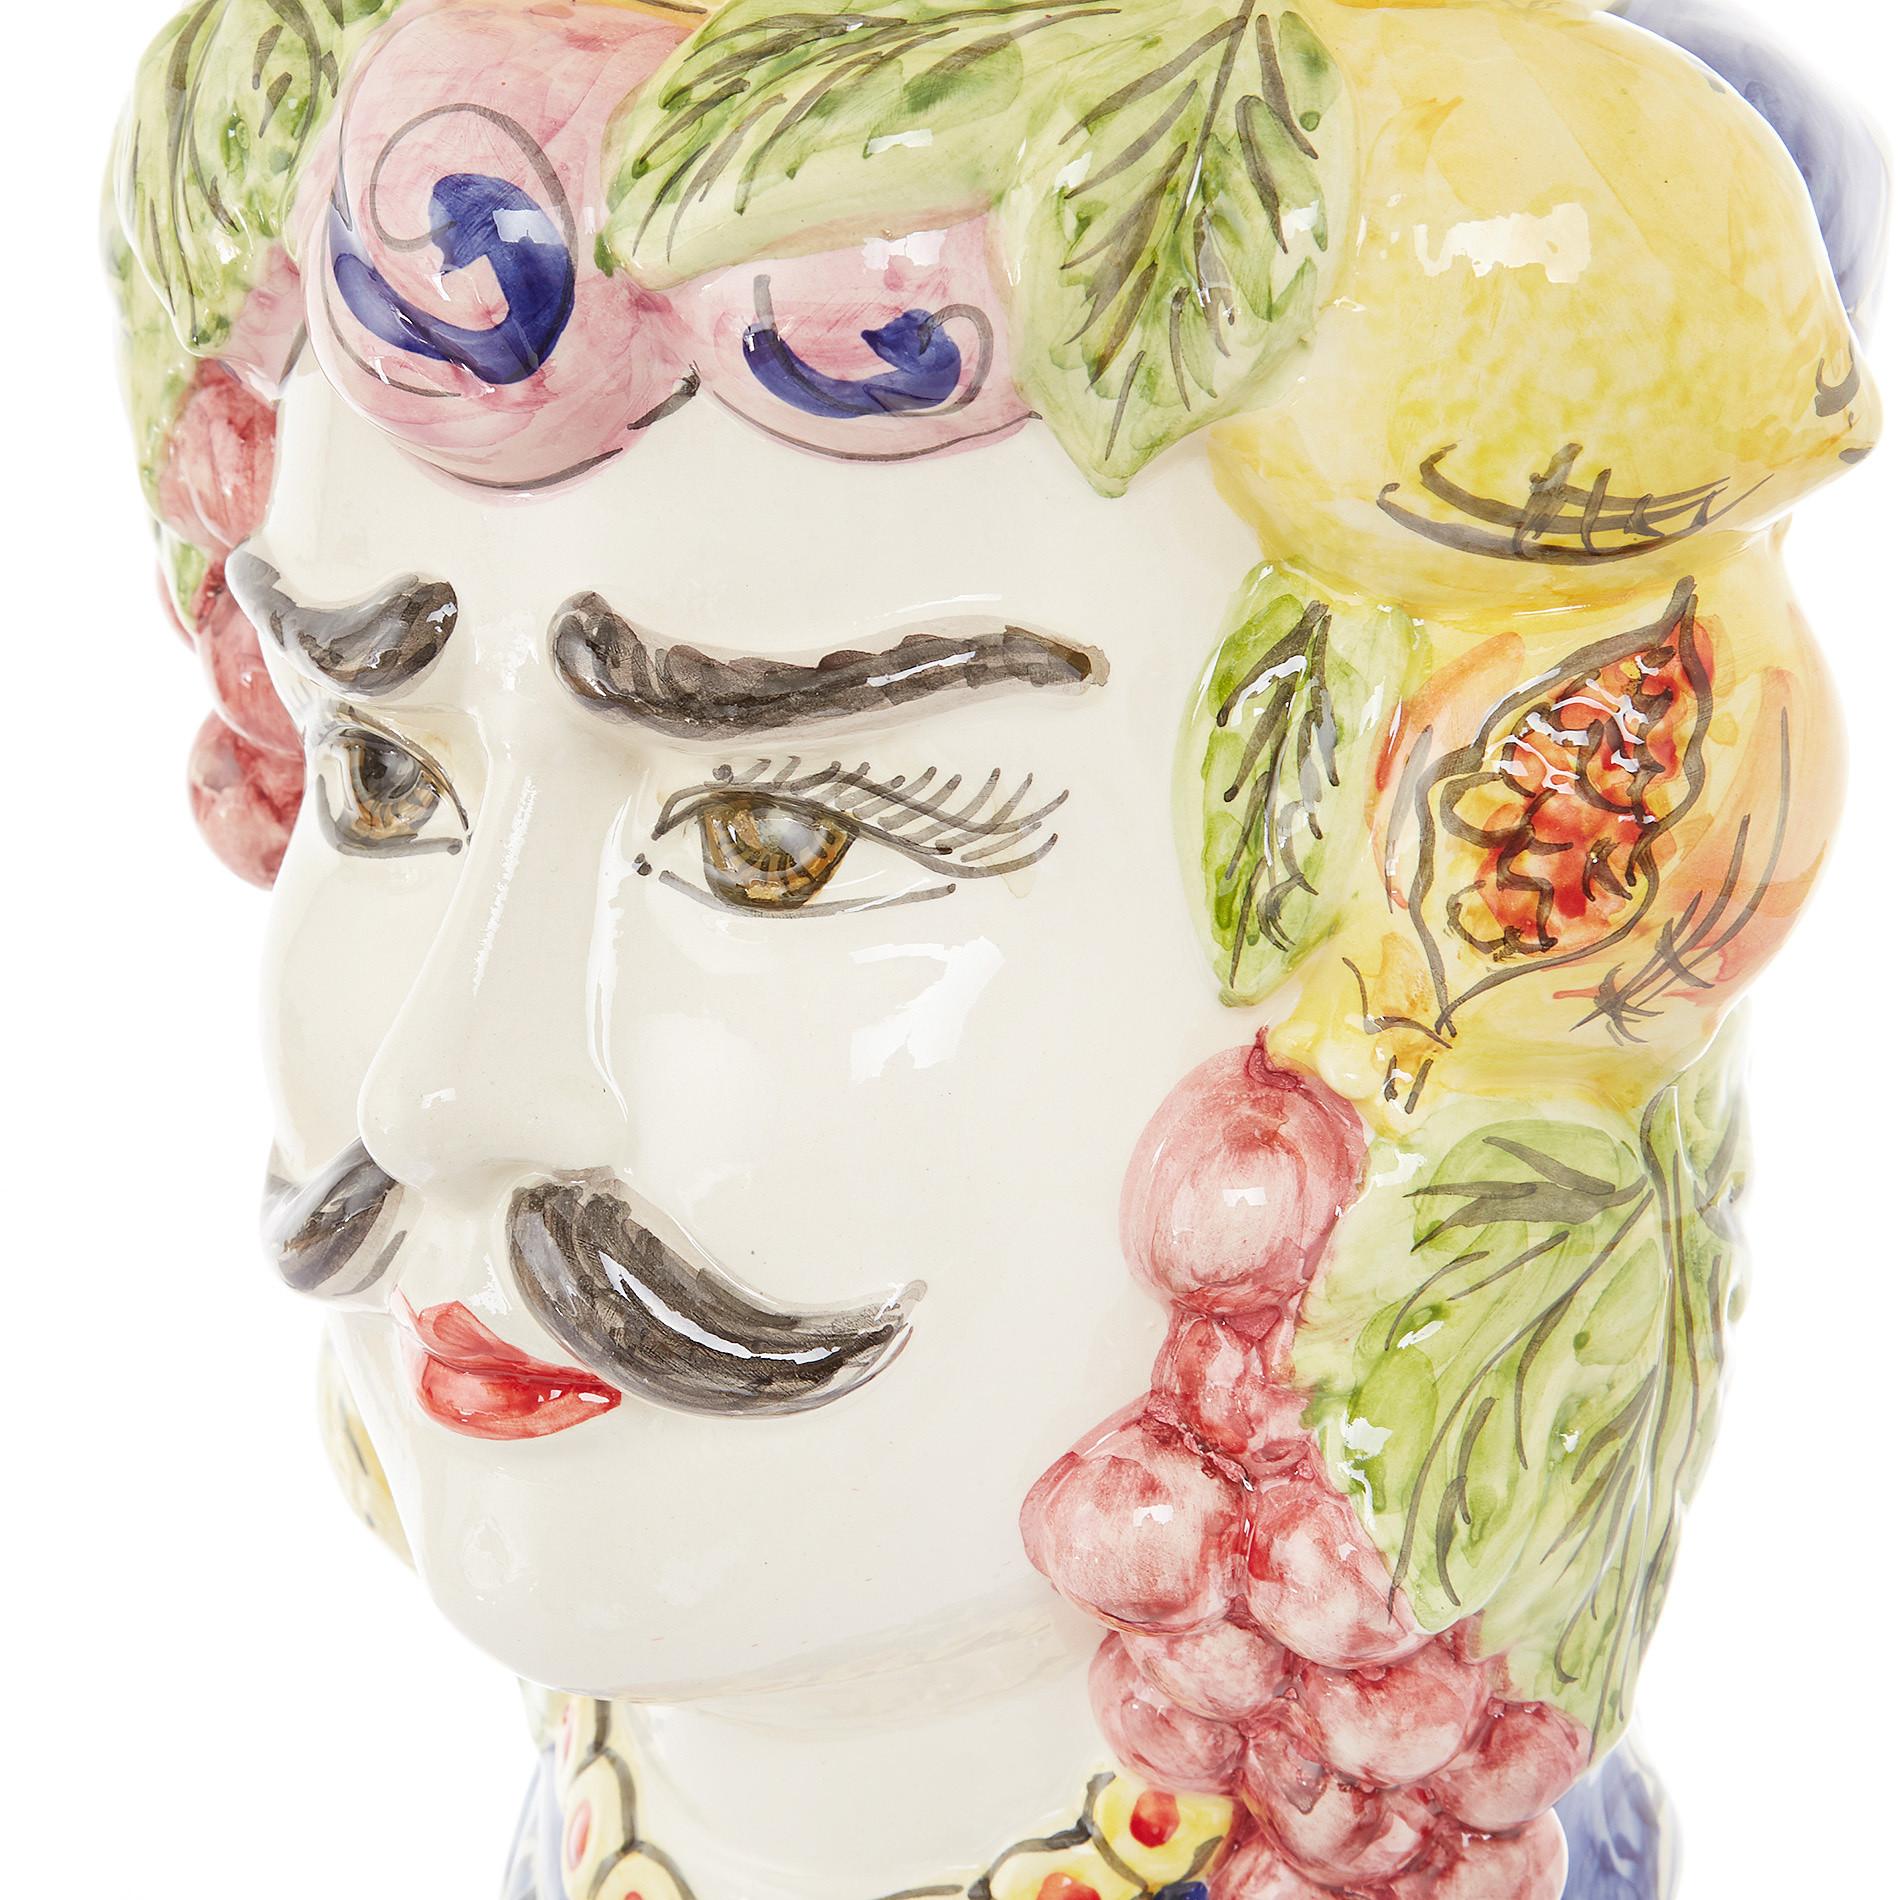 Testa di moro tradizionale by Ceramiche Siciliane Ruggeri, Multicolor, large image number 1